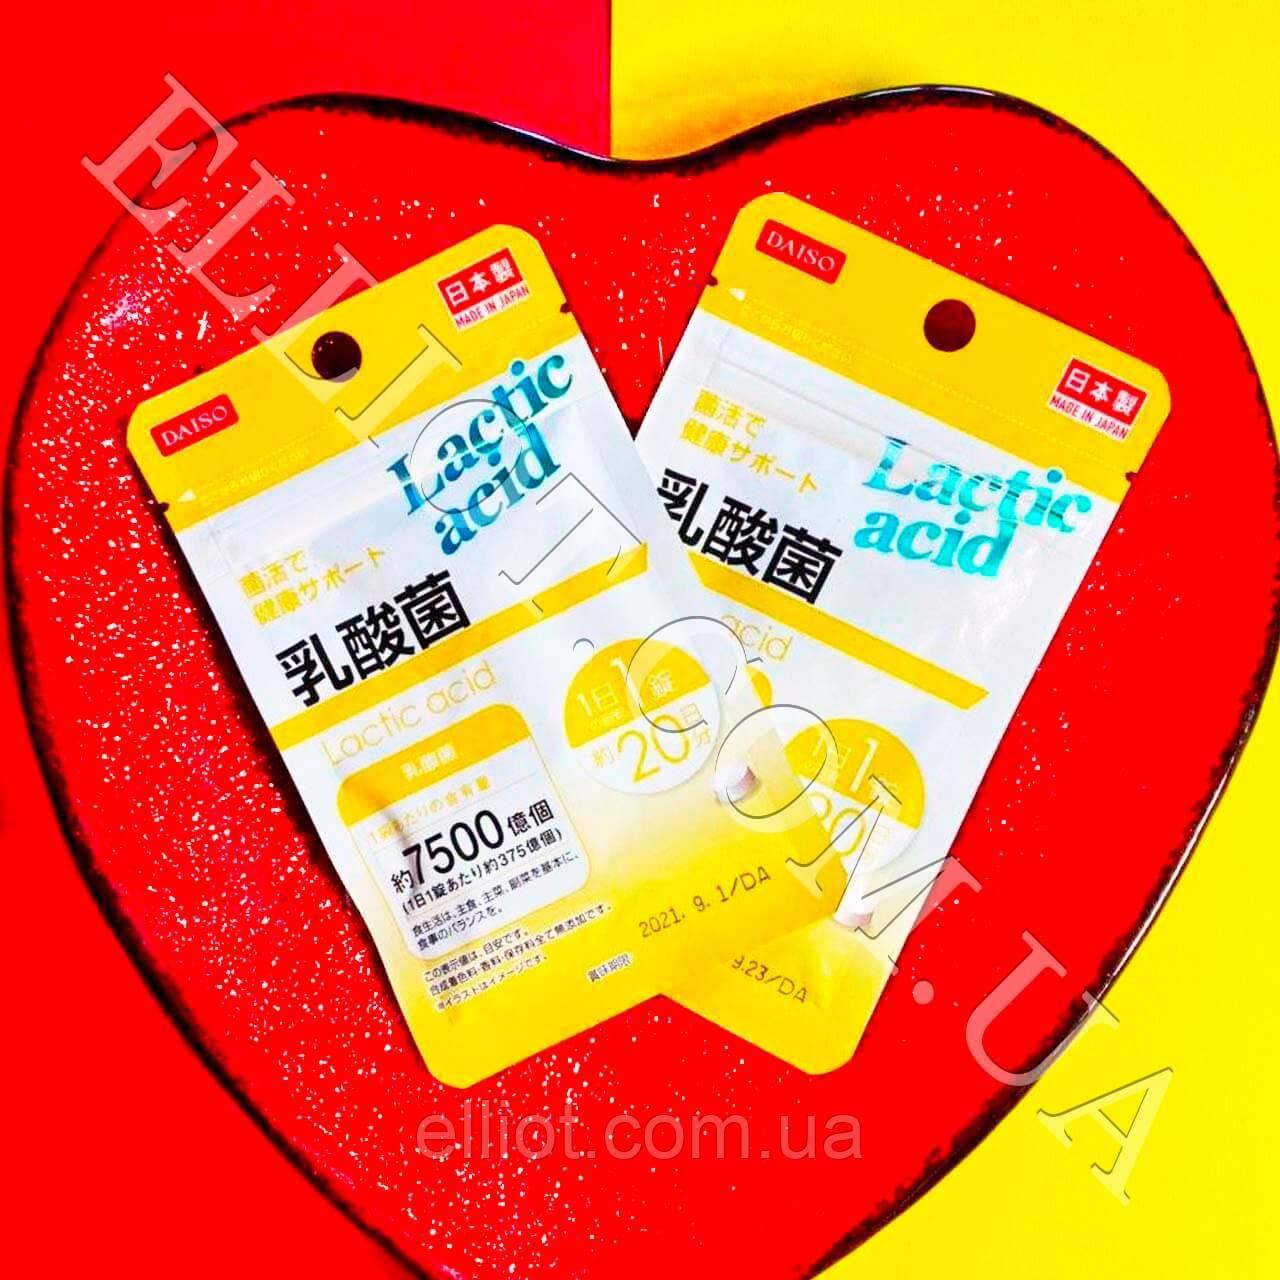 Молочнокислі бактерії / Lactic acid Японія! Daiso